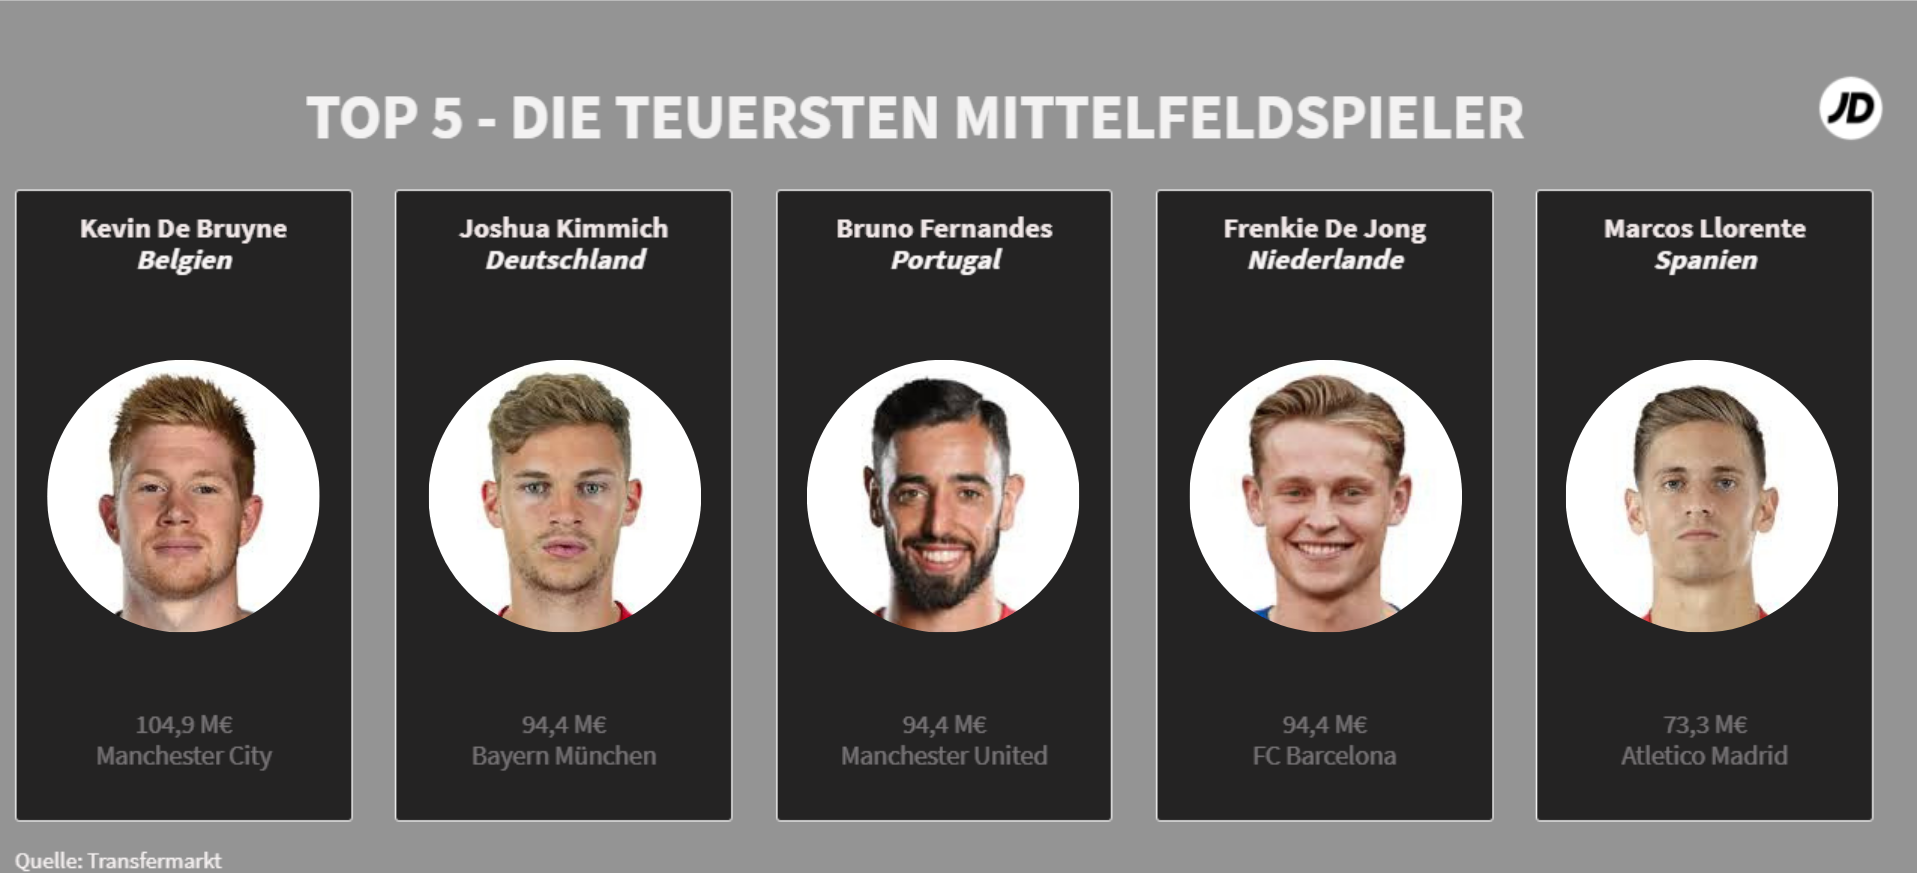 Top-5-Die-teuersten-Mittelfeldspieler-der-EM-2020